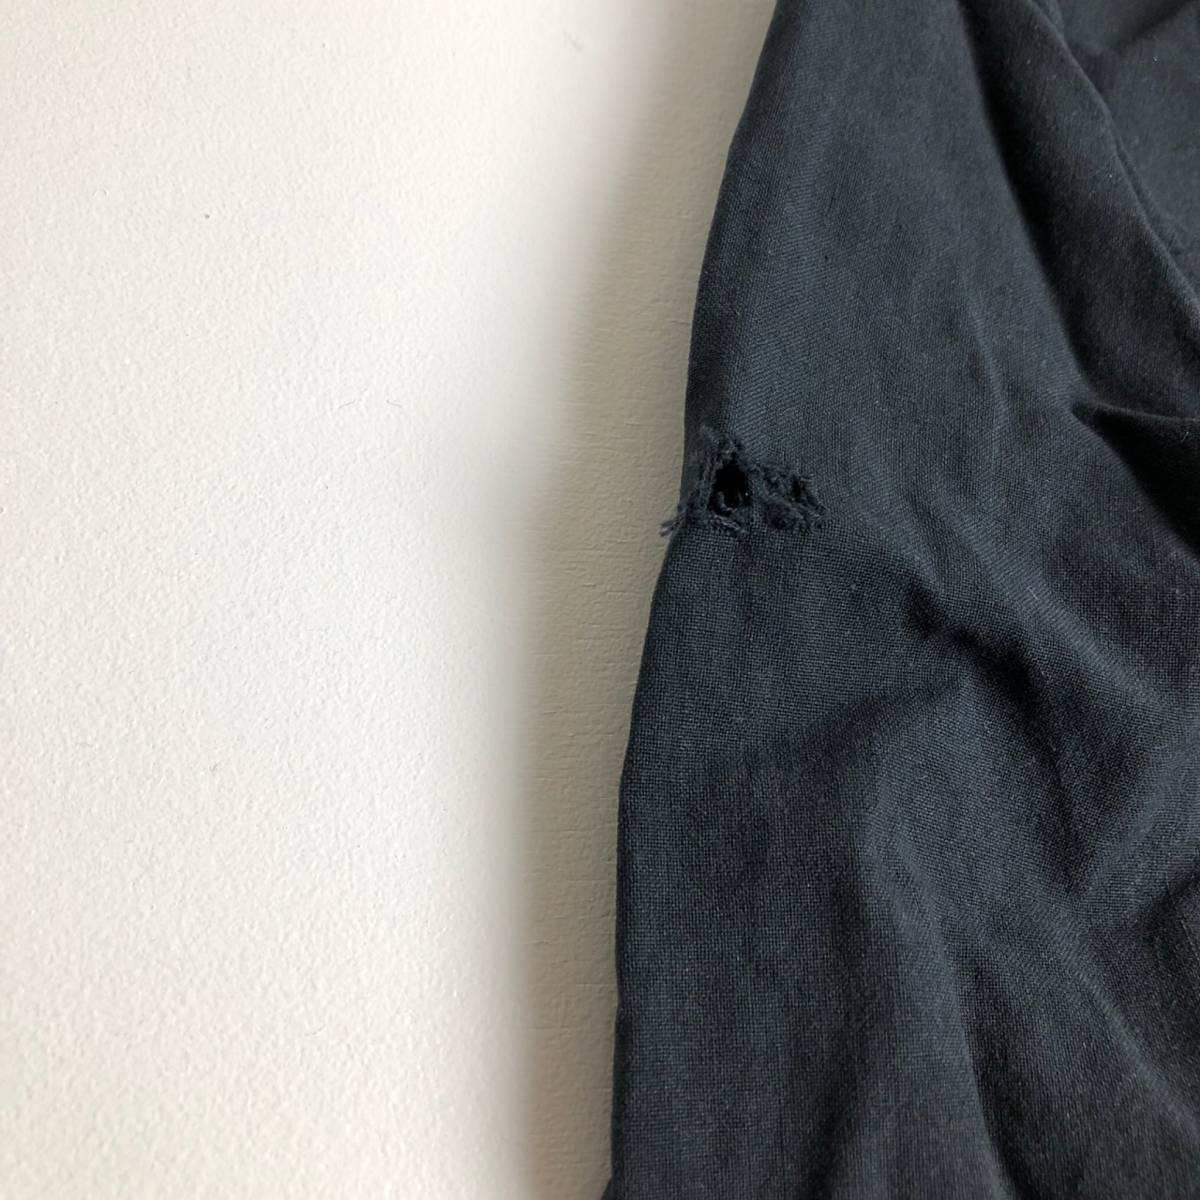 ★YD4952 人気ブランド格安放出! Polo Ralph Lauren ポロ ラルフローレン ラルフ 後染め 刺繍ロゴ 長袖 シャツ ボタンダウンシャツ 黒 L★_画像4